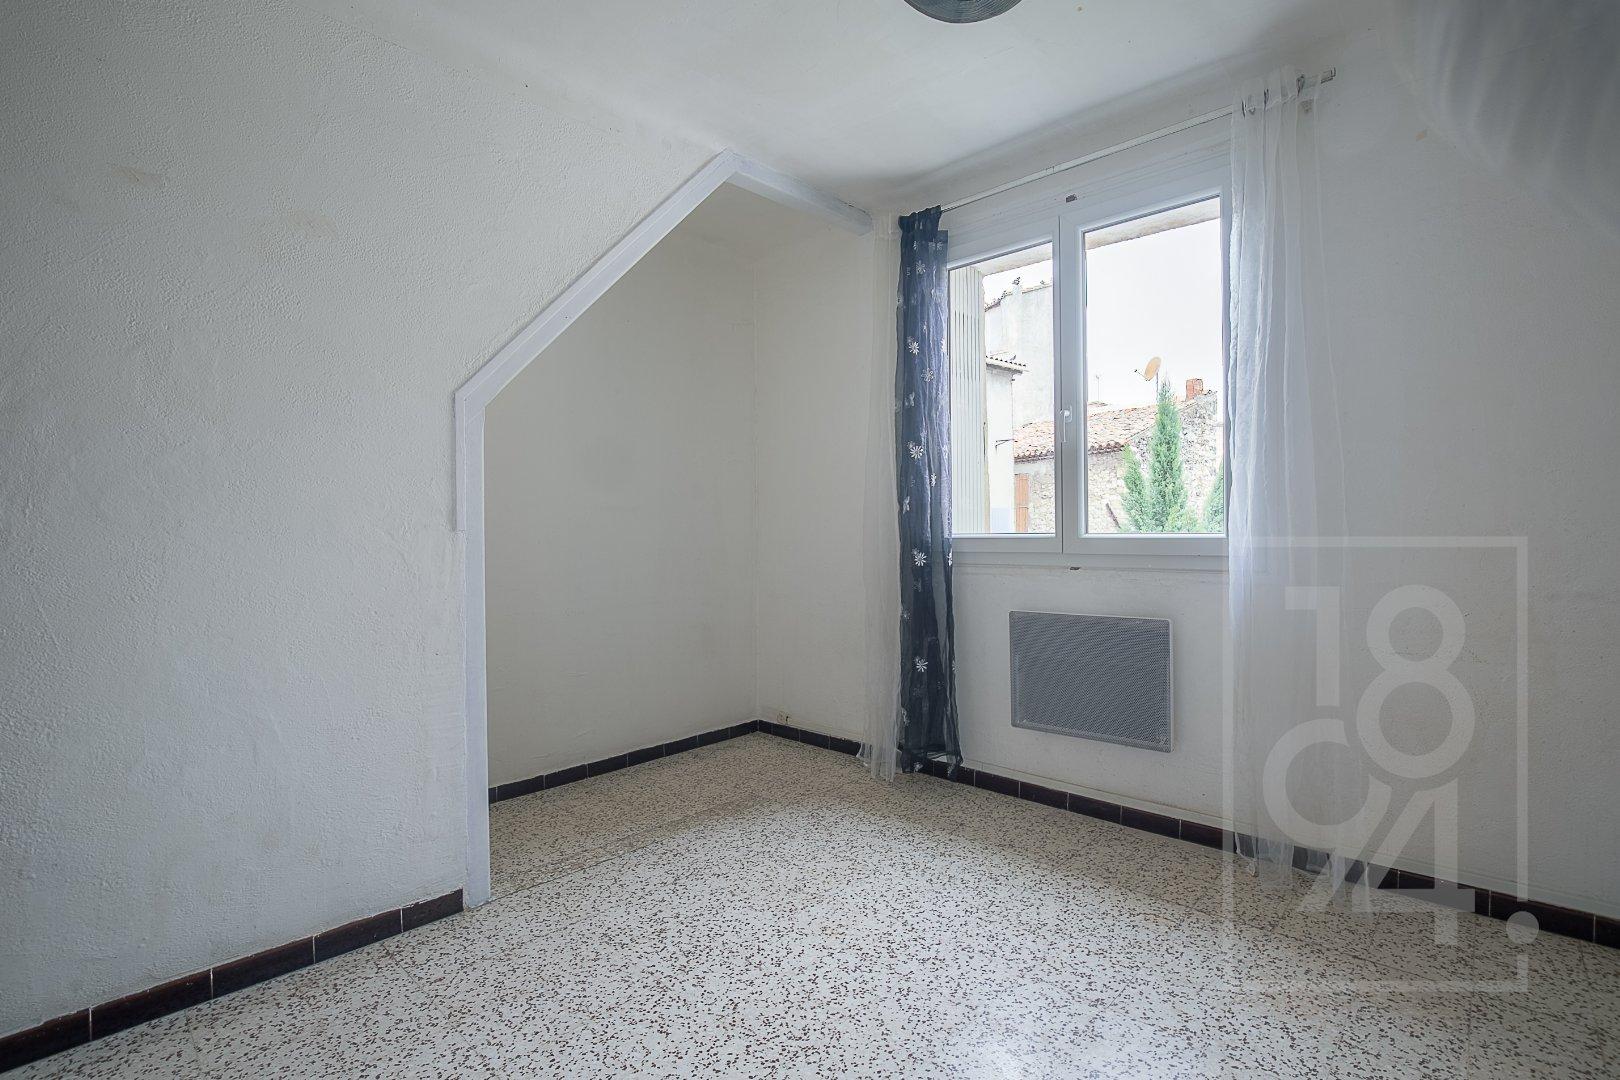 Appartement T3 de 52m2 en duplex à Pertuis